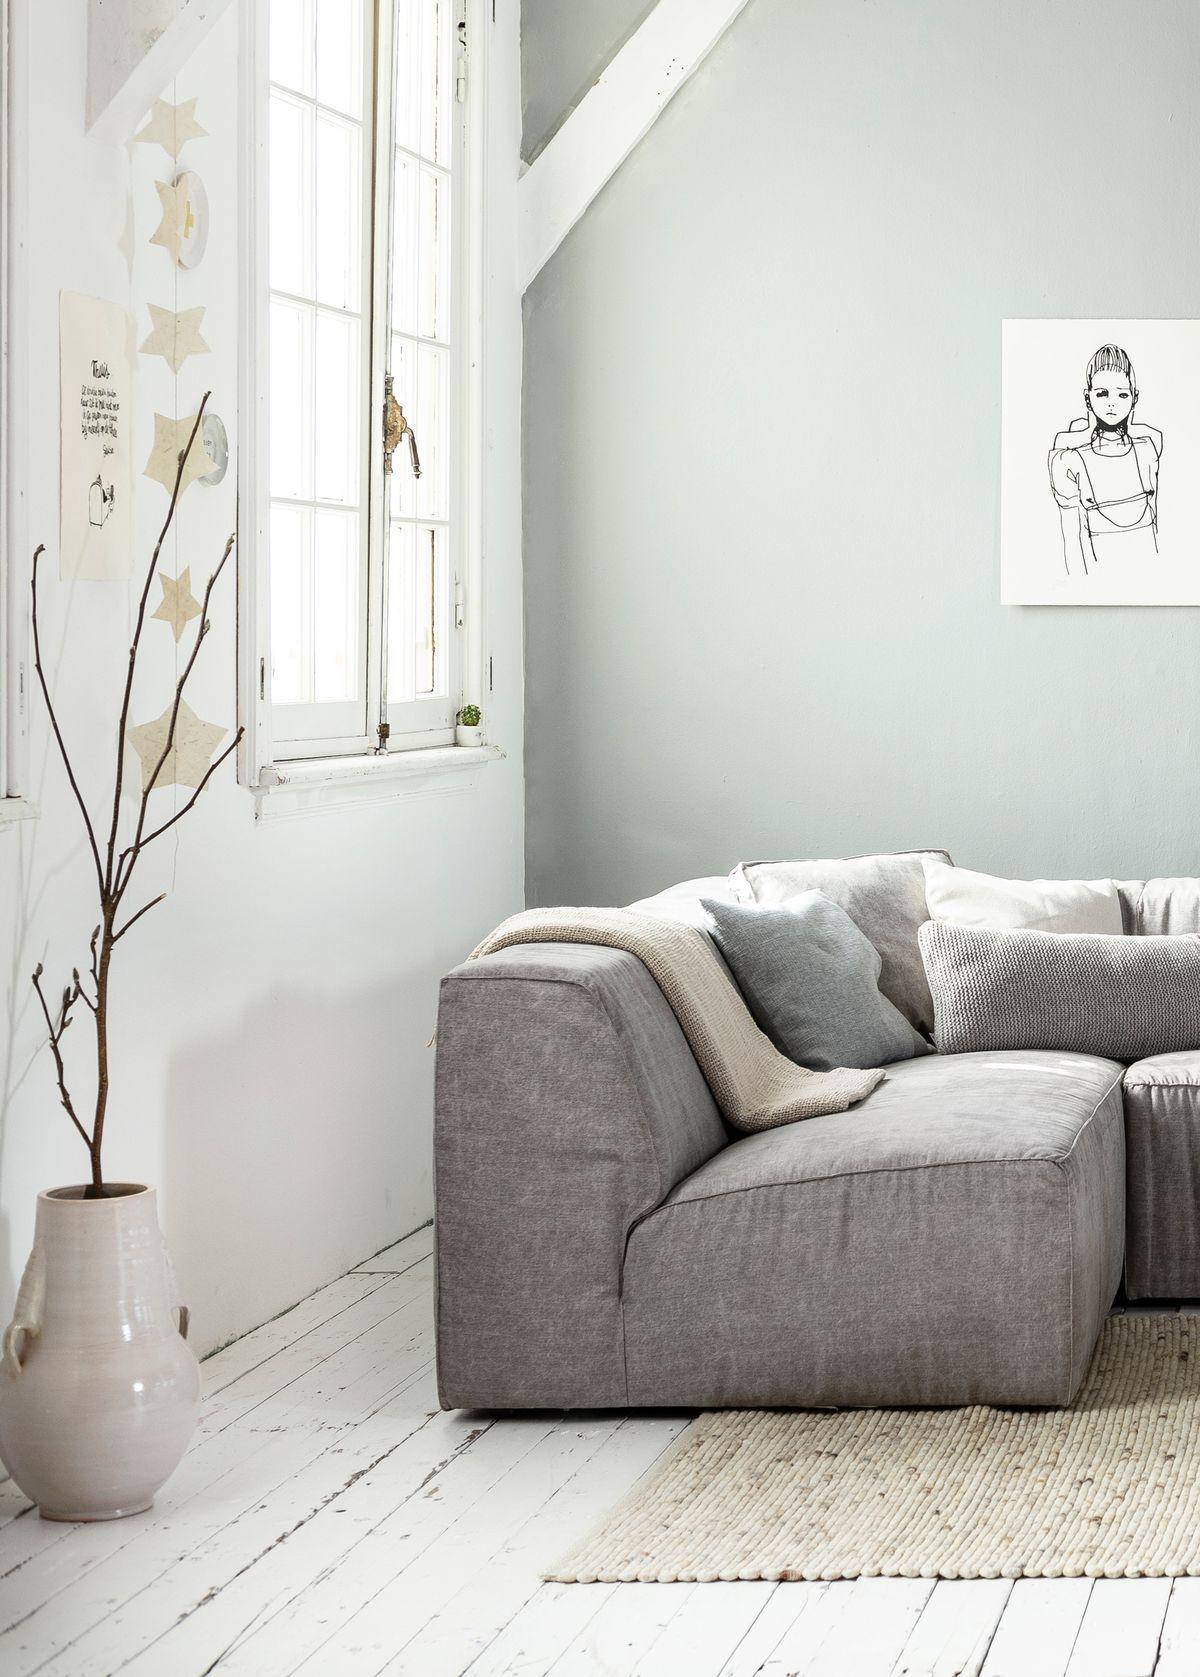 Skandinavische Interieur Elemente | Skandinavisches Design ...